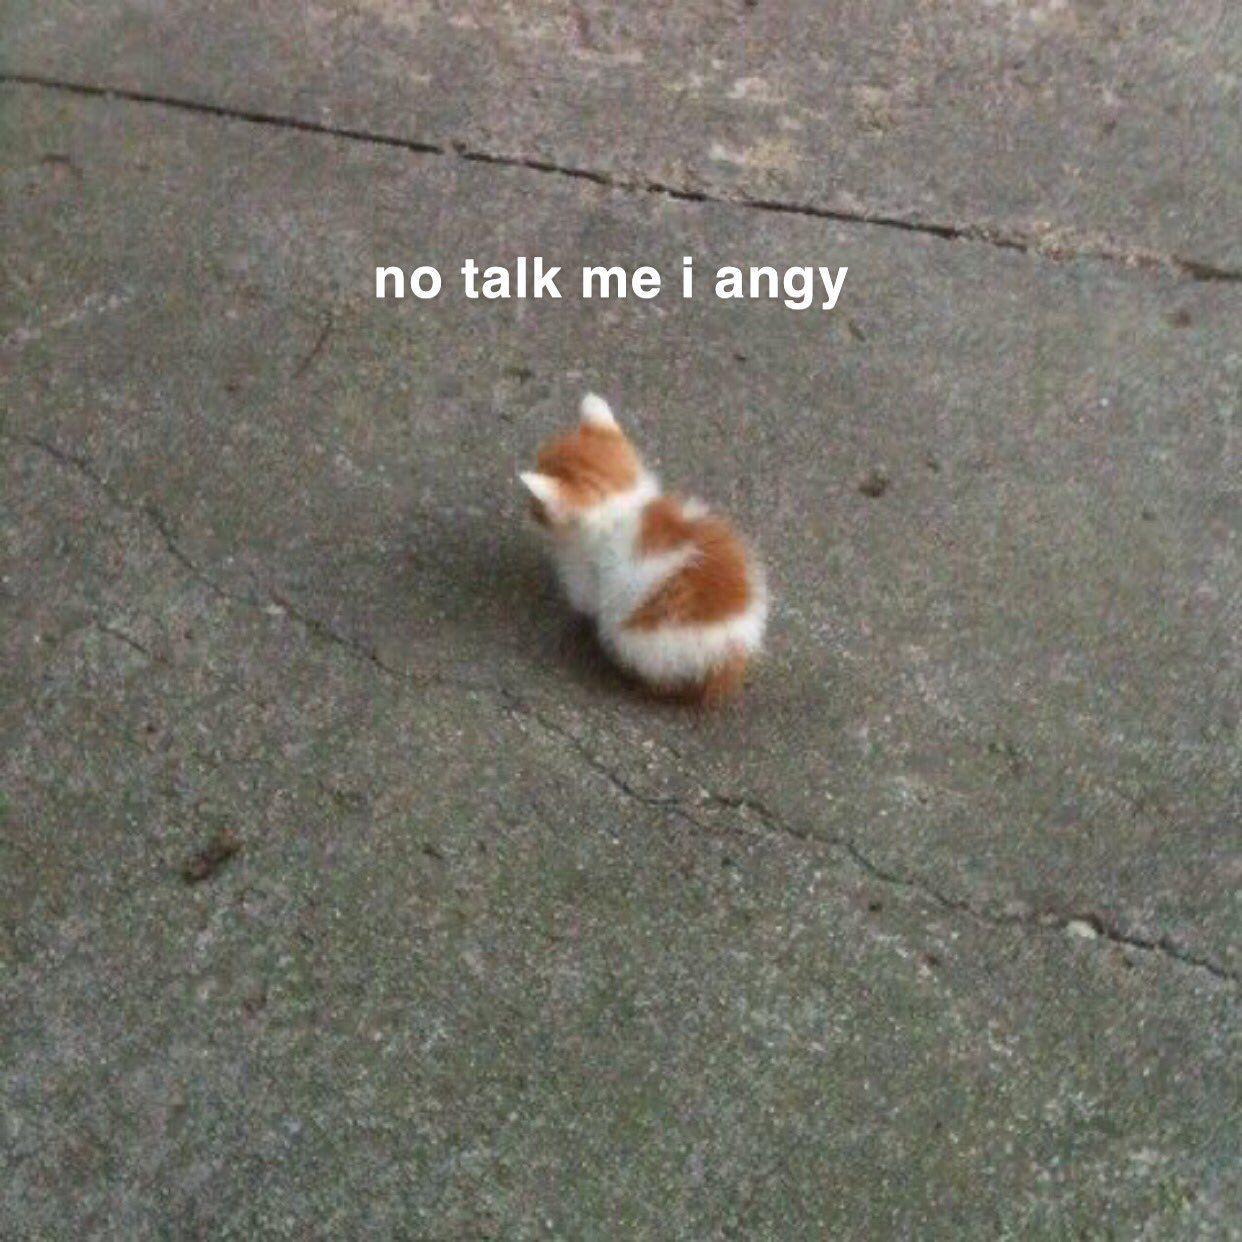 Animqls On Twitter Memes Funny Faces Cat Memes Cute Cat Memes